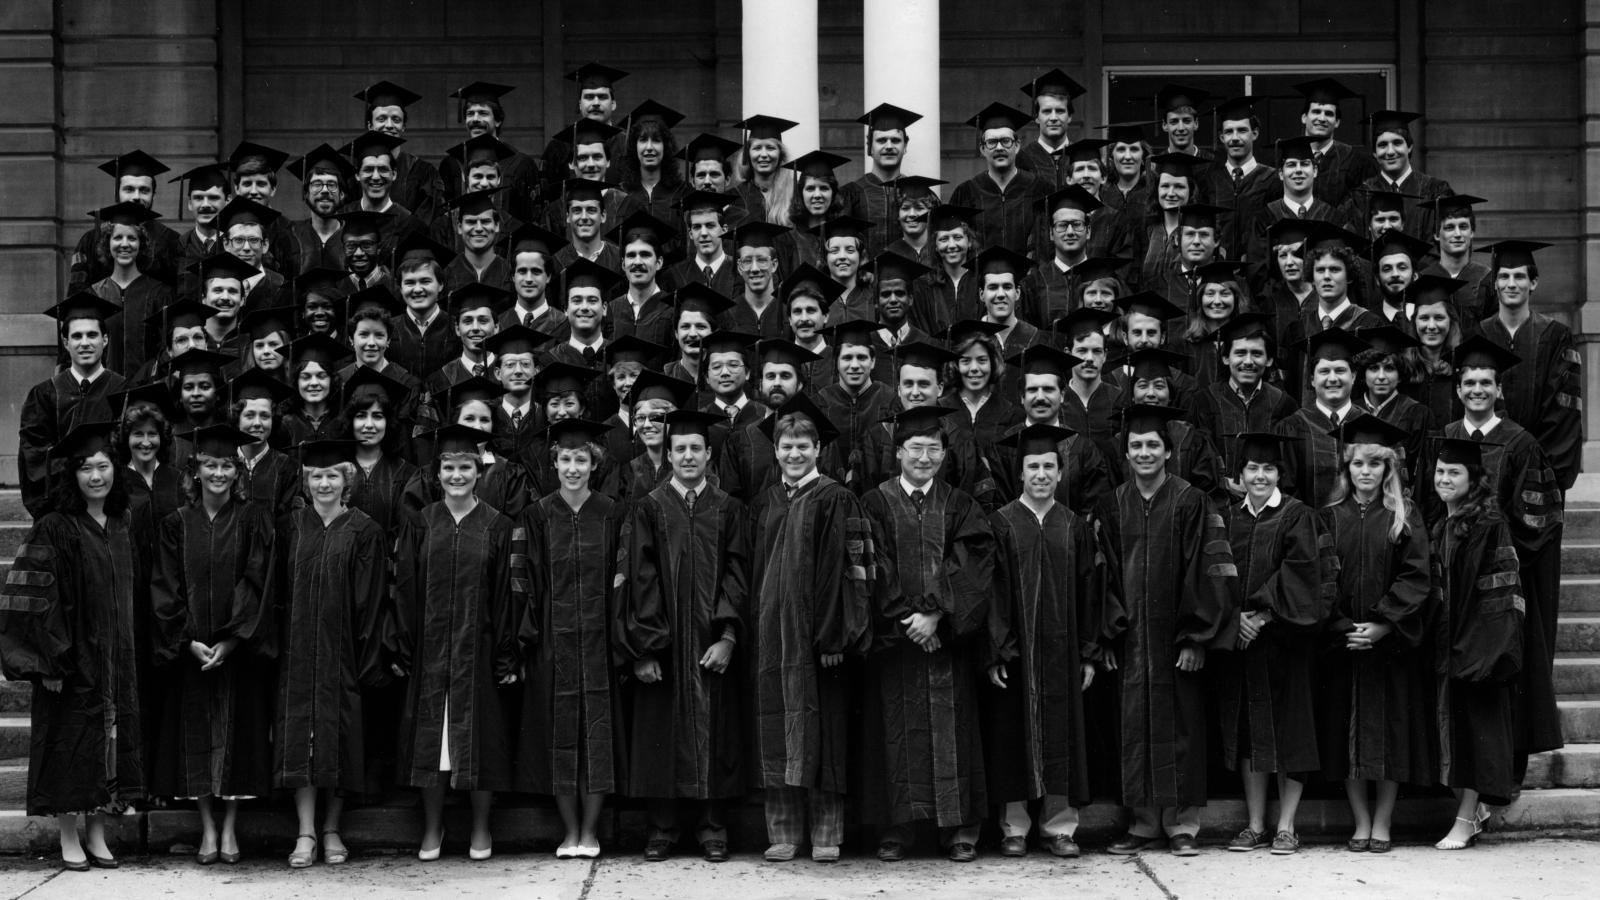 Class of 1986 portrait